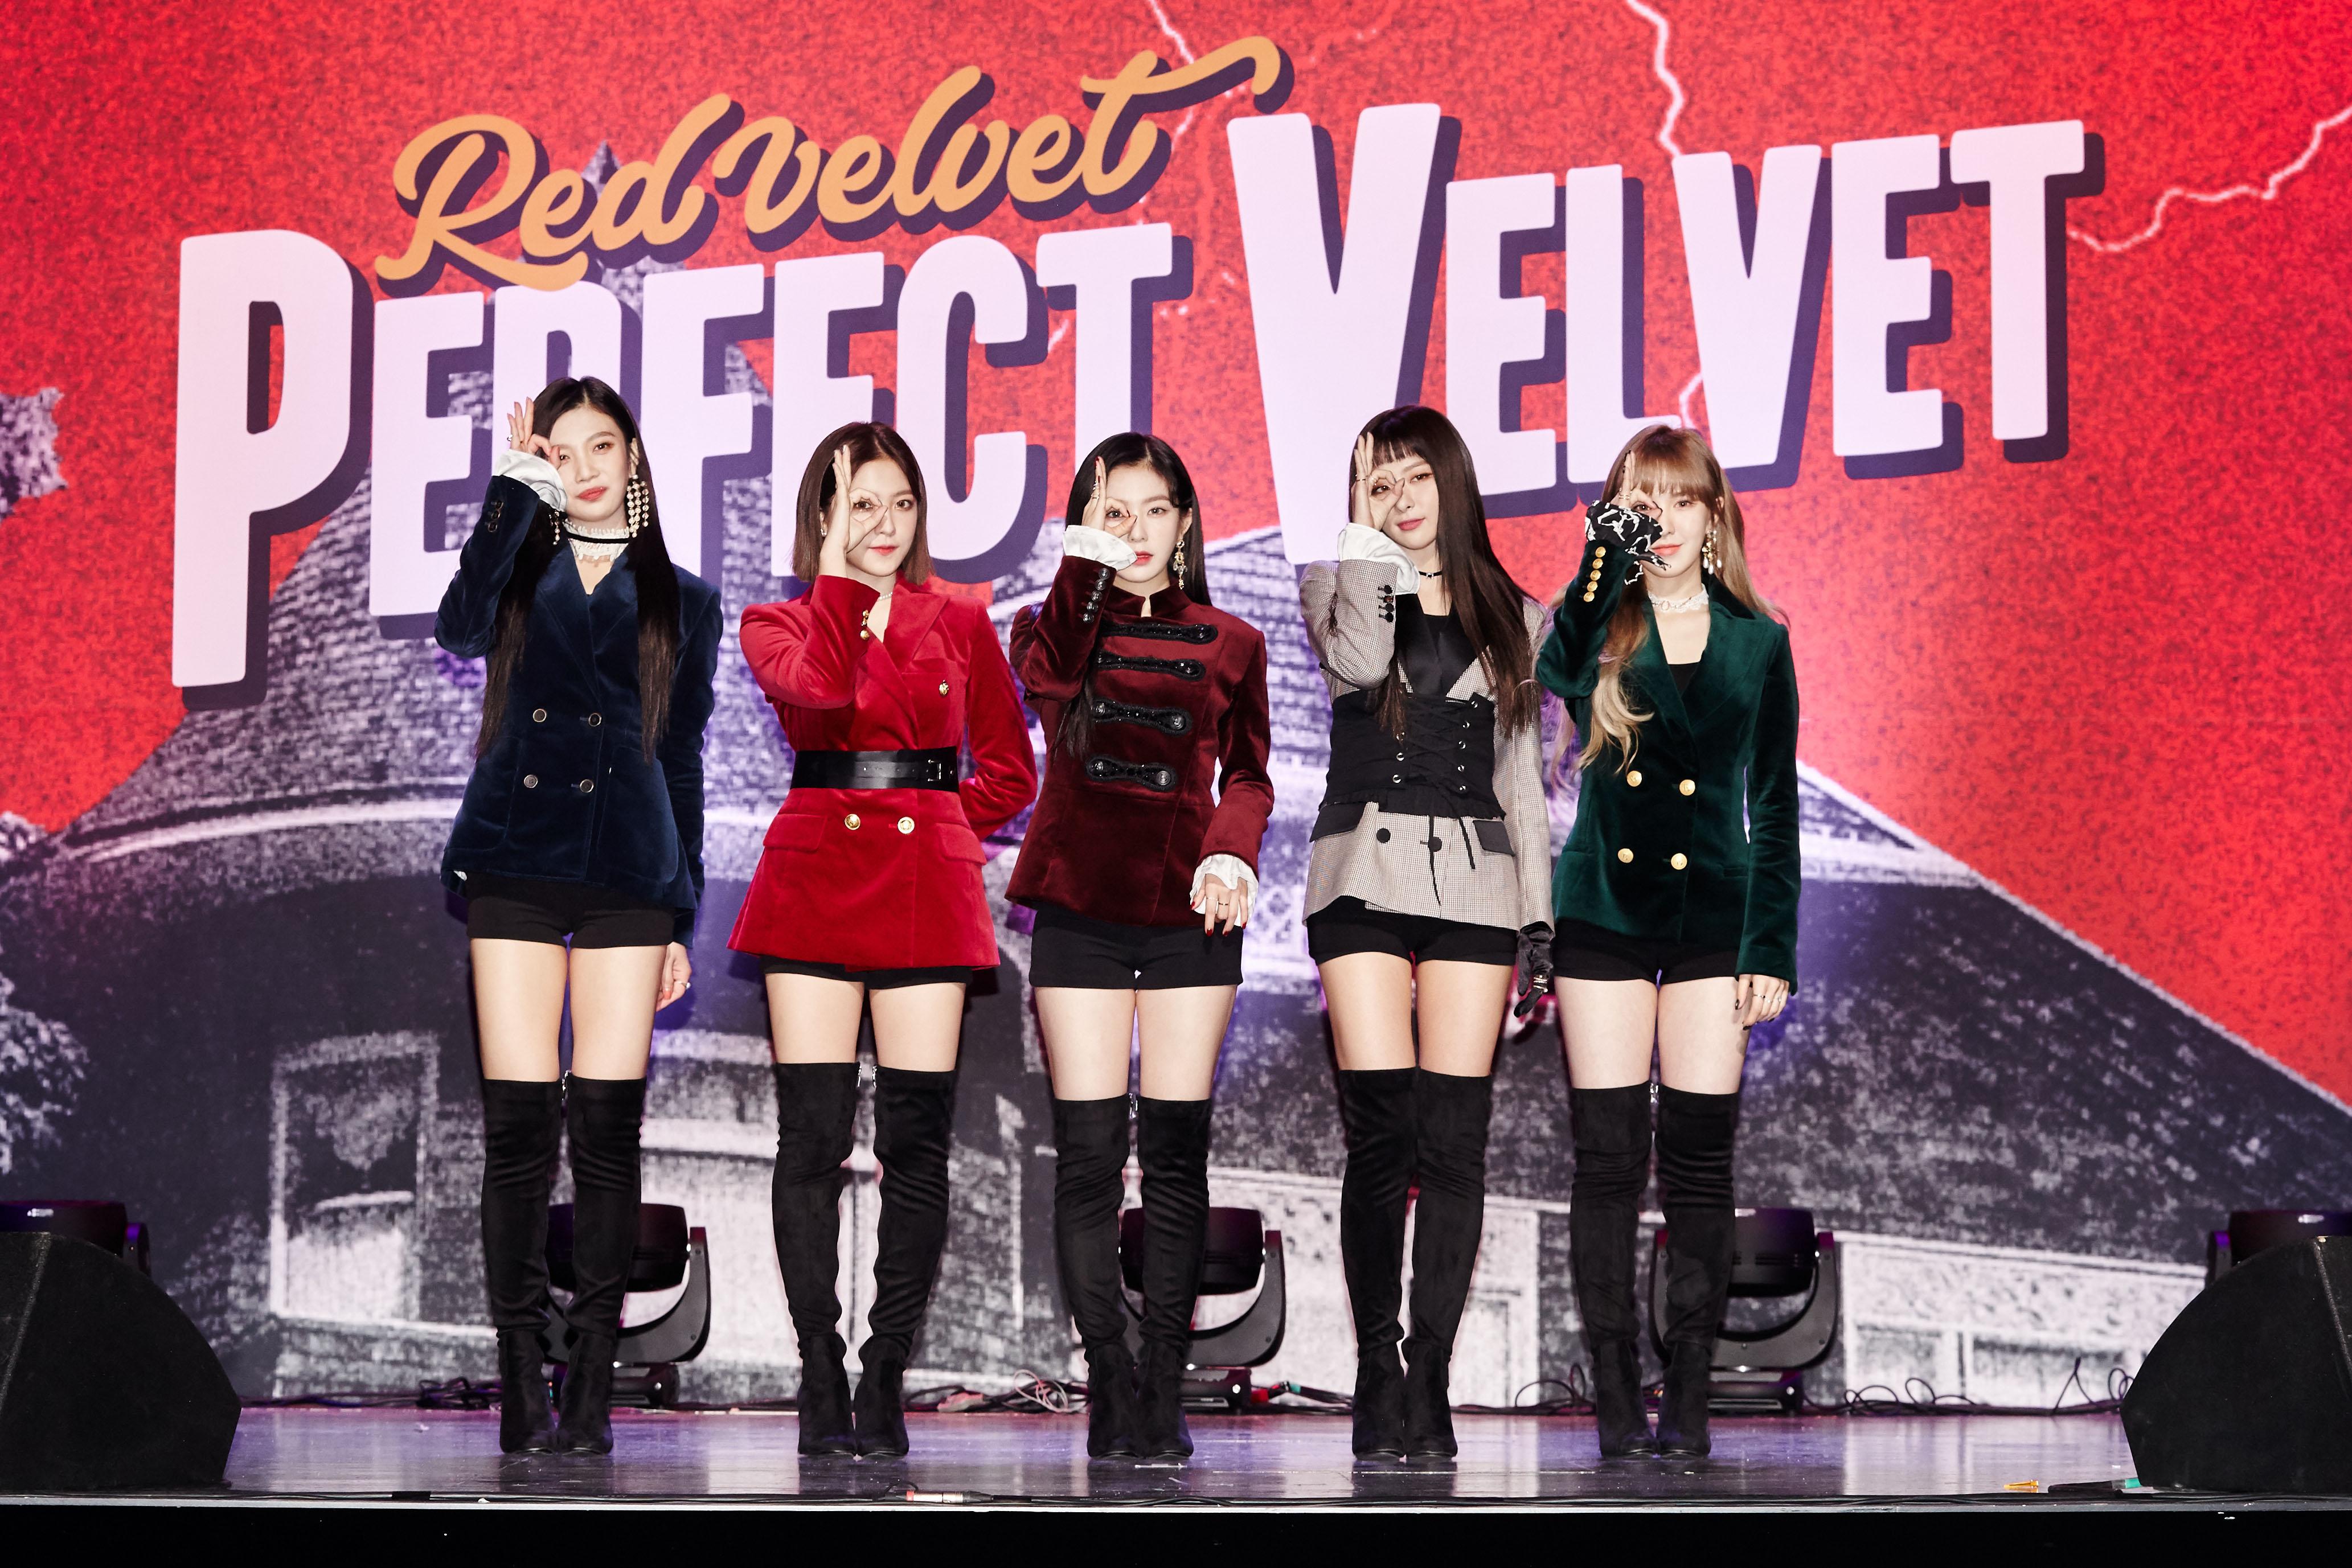 大势女团Red Velvet 新歌《Peek-A-Boo》再现完美大热